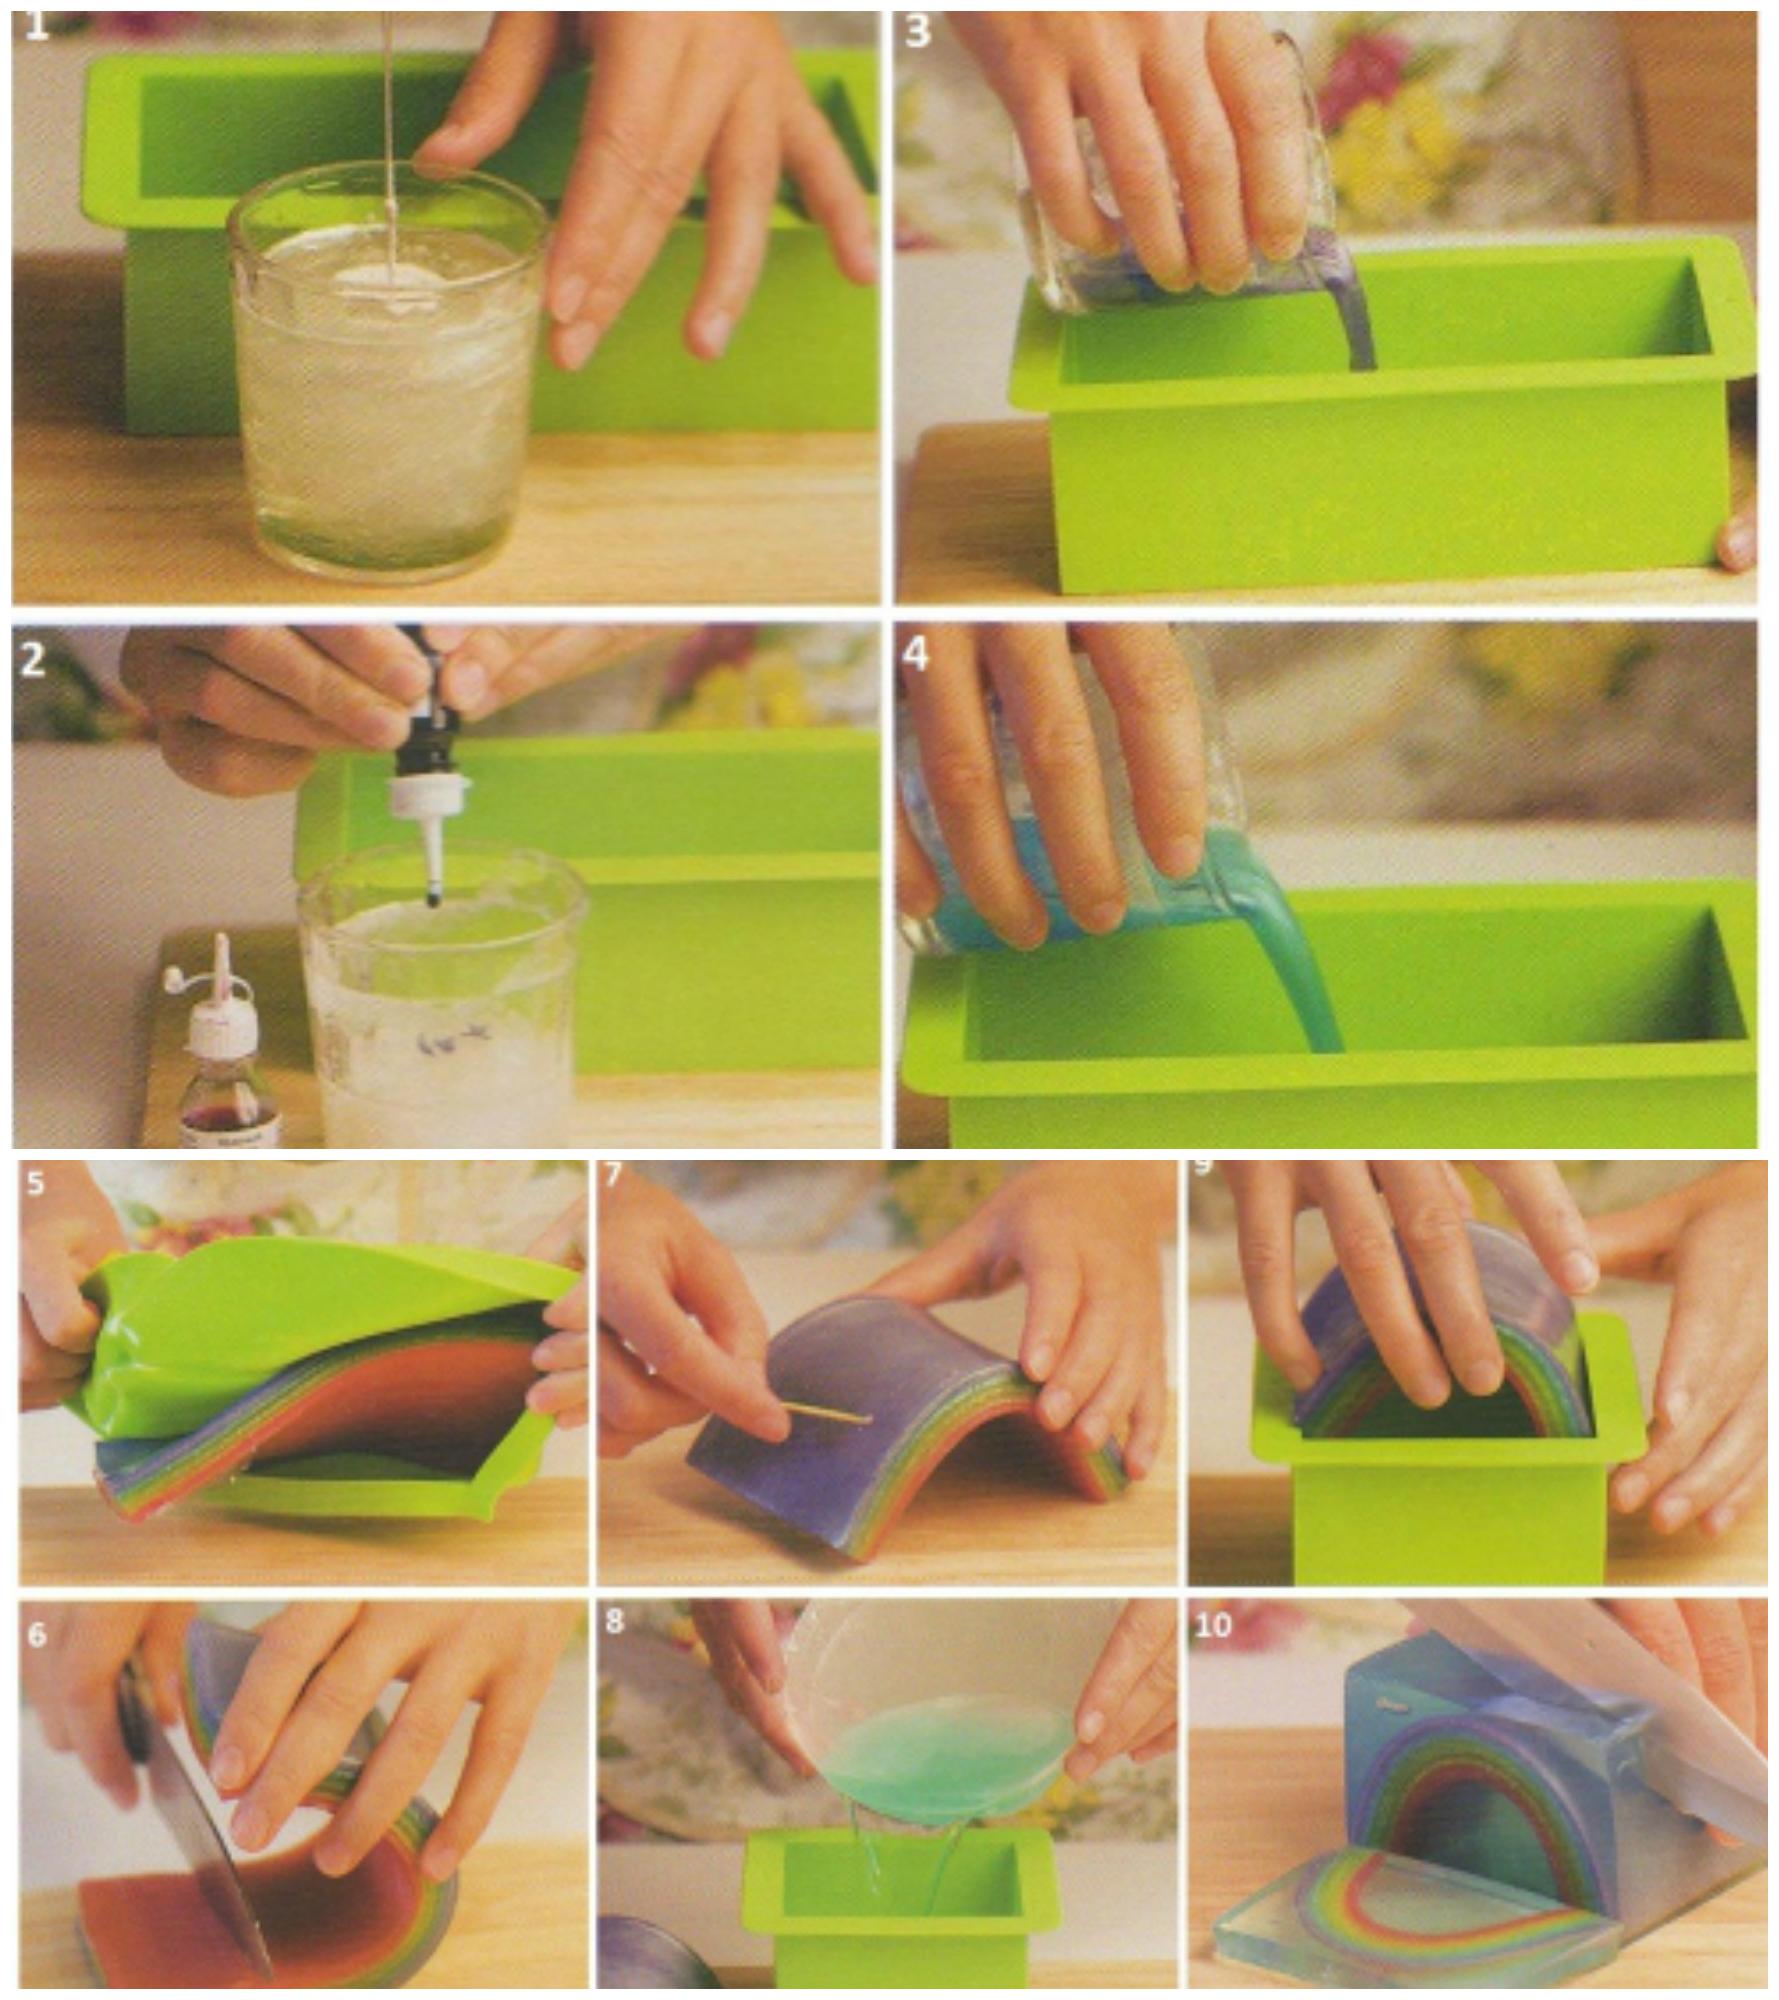 Как сделать новое мыло из обмылков Антирукоделие 36